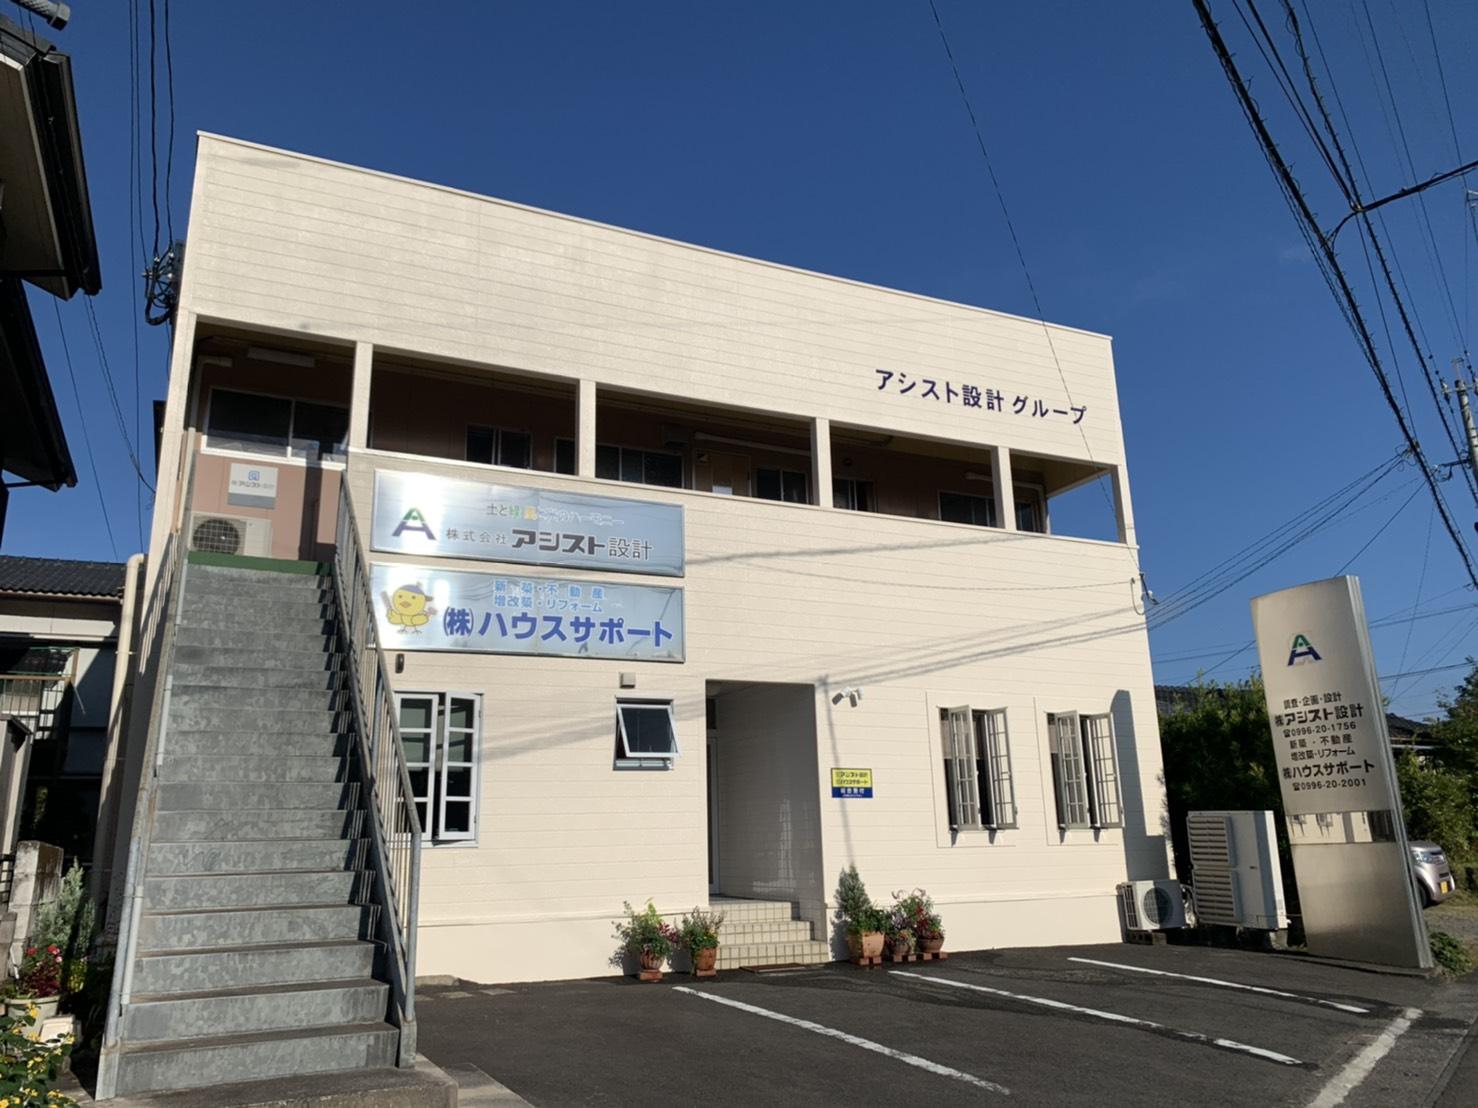 ハウスメーカー鹿児島ハウスサポート薩摩川内市HEIGイシンホーム